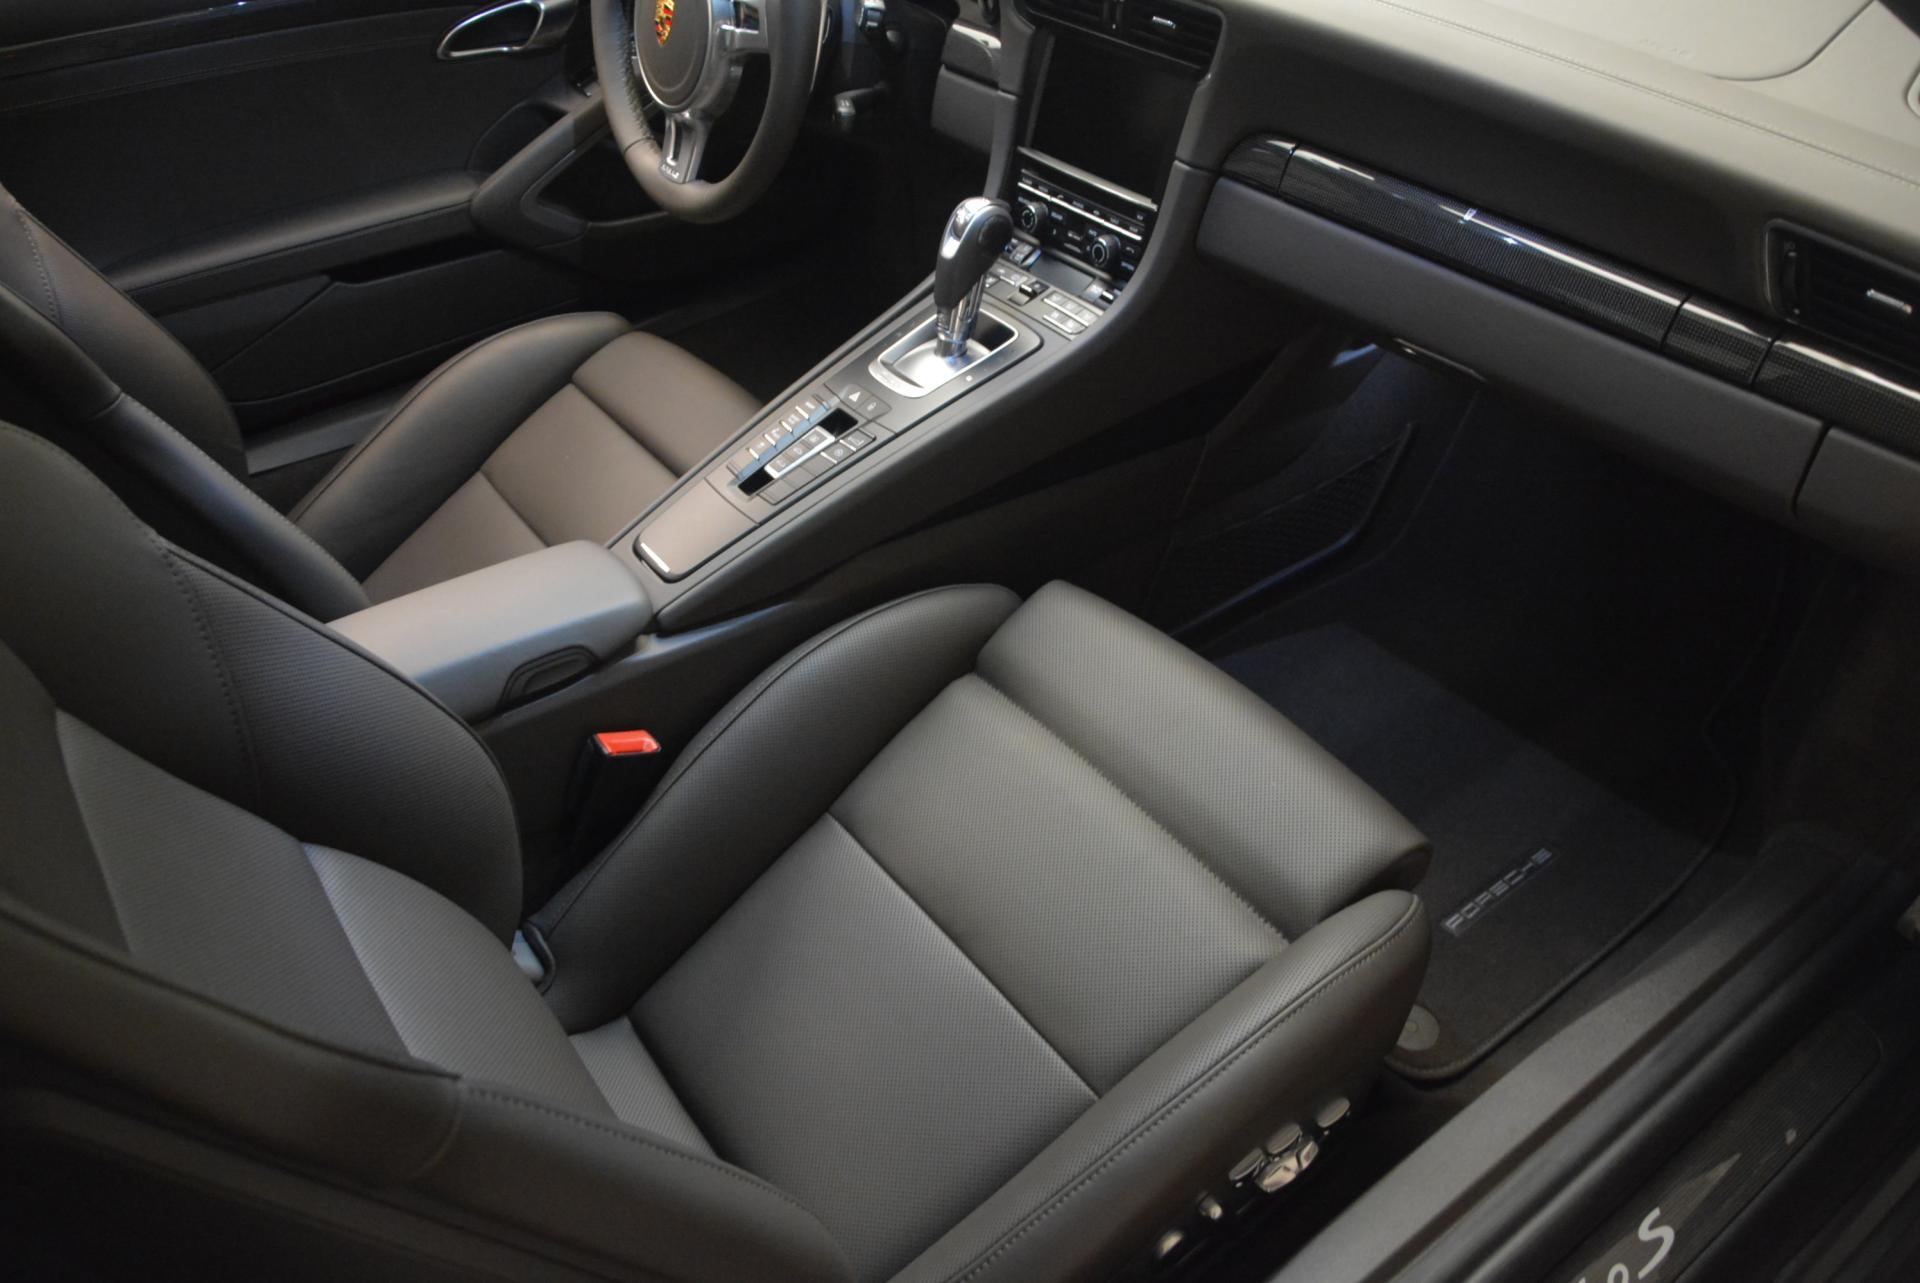 Used 2014 Porsche 911 Turbo S For Sale In Westport, CT 113_p19